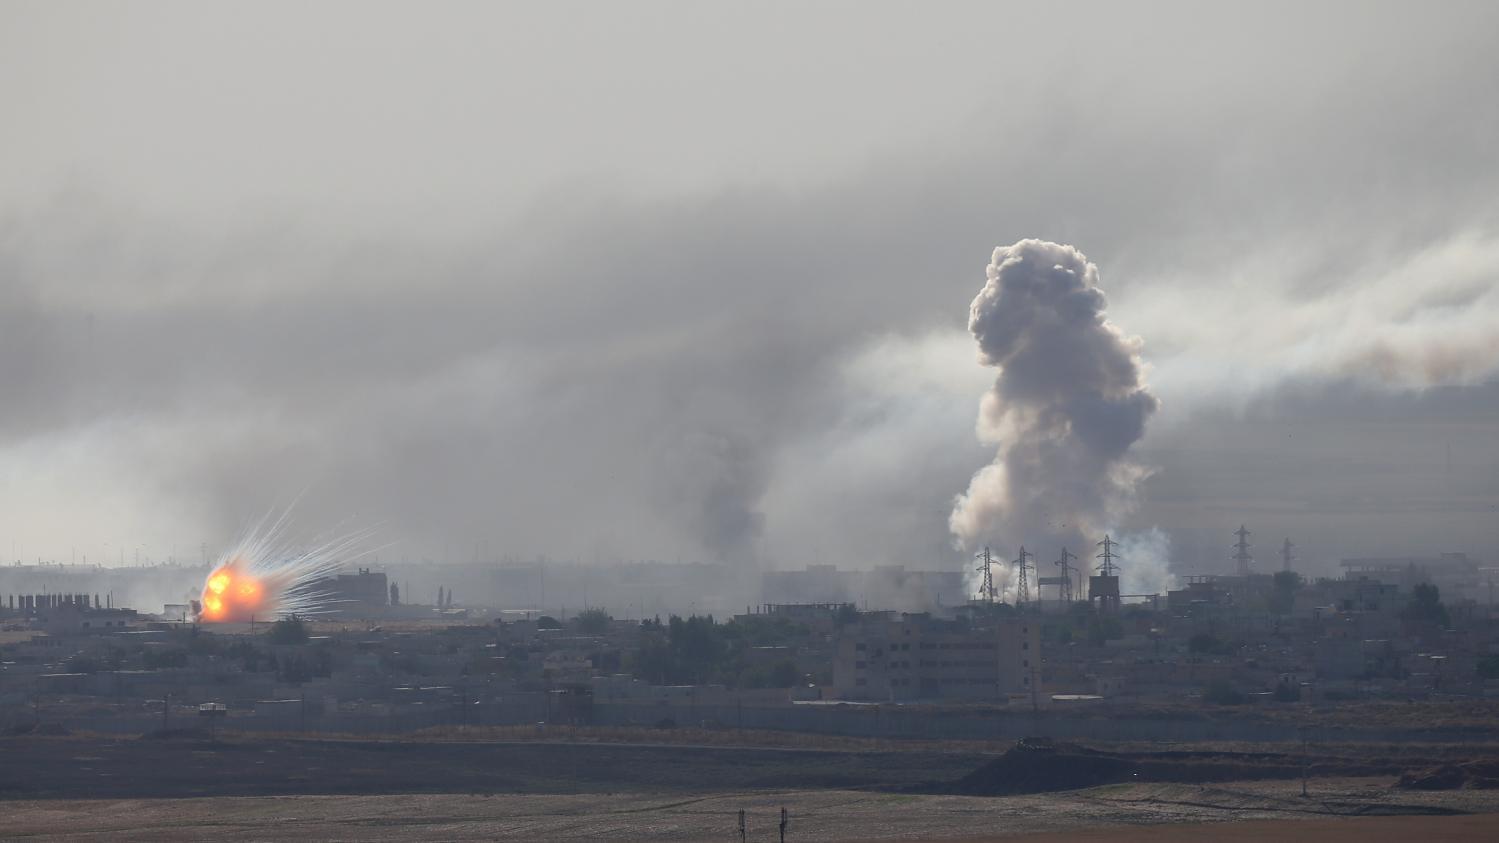 Offensive turque en Syrie : des troupes américaines prises sous le feu de l'artillerie turque, affirme le P… – franceinfo